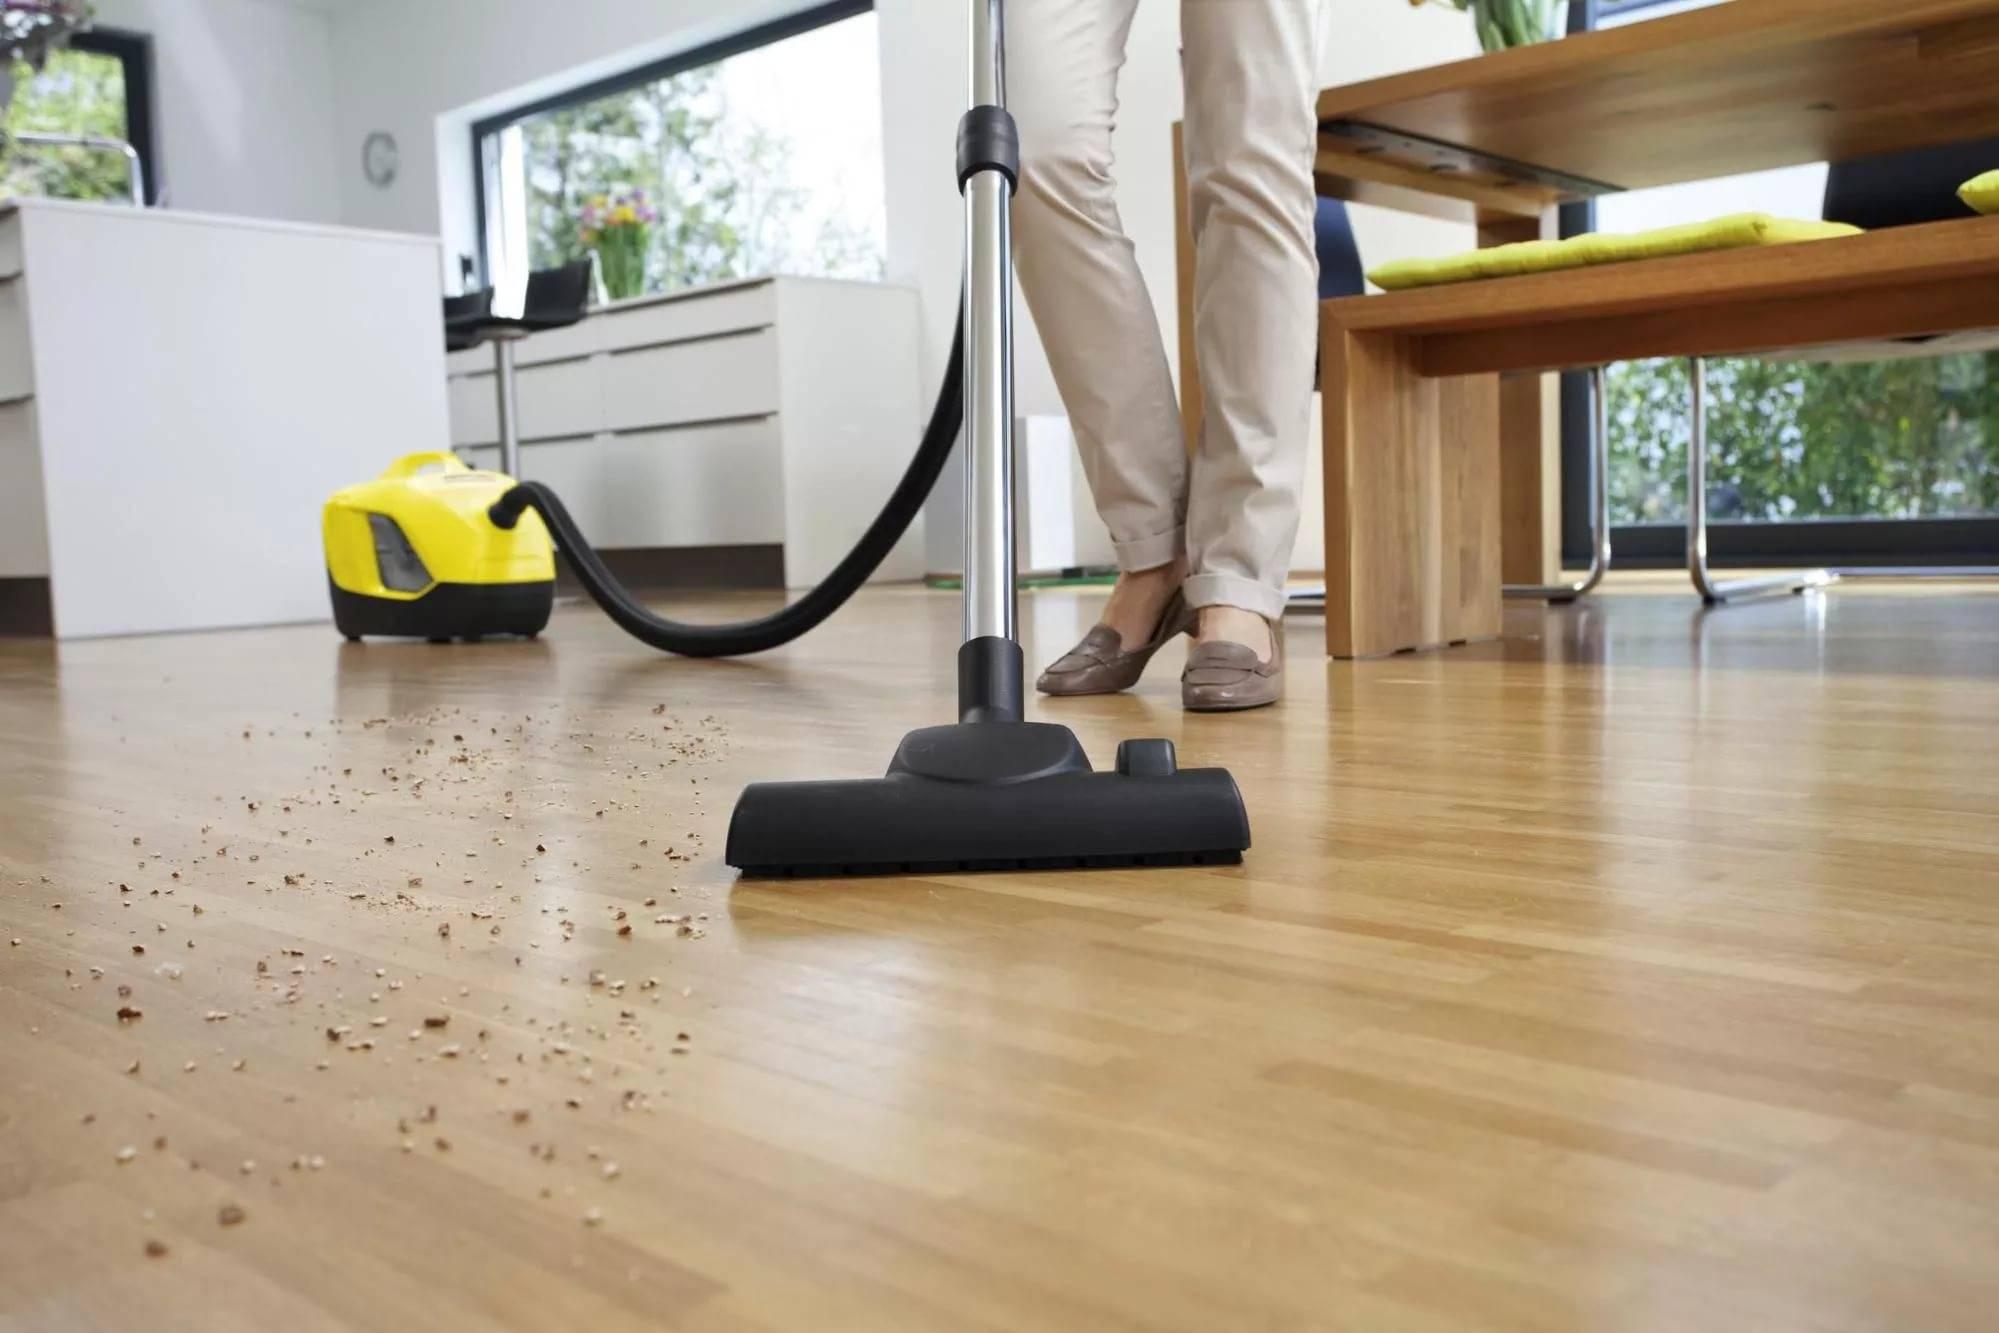 Моющие пылесосы для дома: рейтинг лучших 2018, цены и отзывы